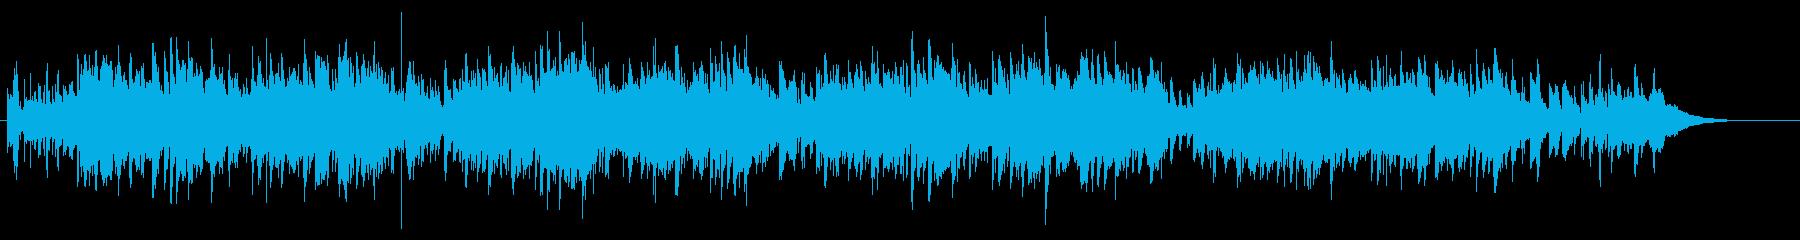 軽快なカントリー・ウェスタン調 アコギの再生済みの波形